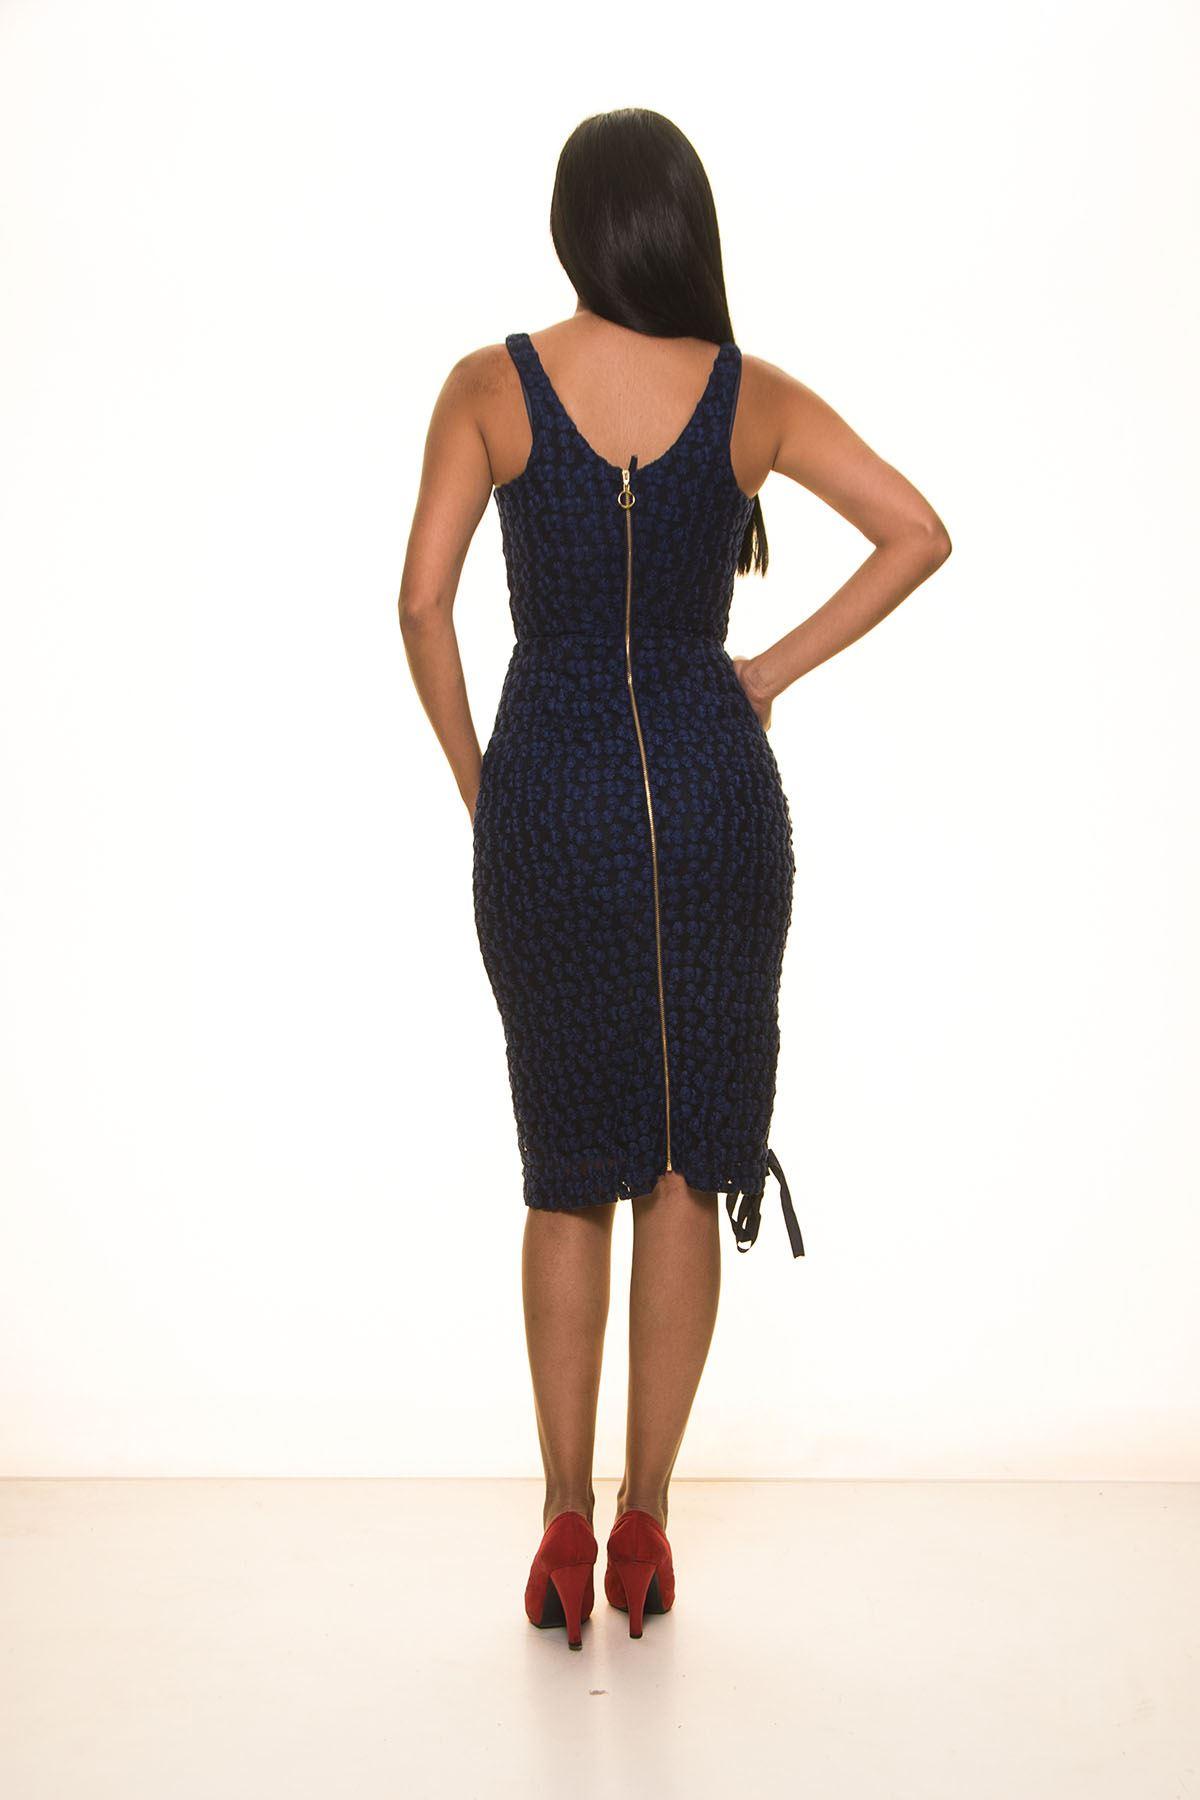 Lacivert Askılı Elbise 4F-1102